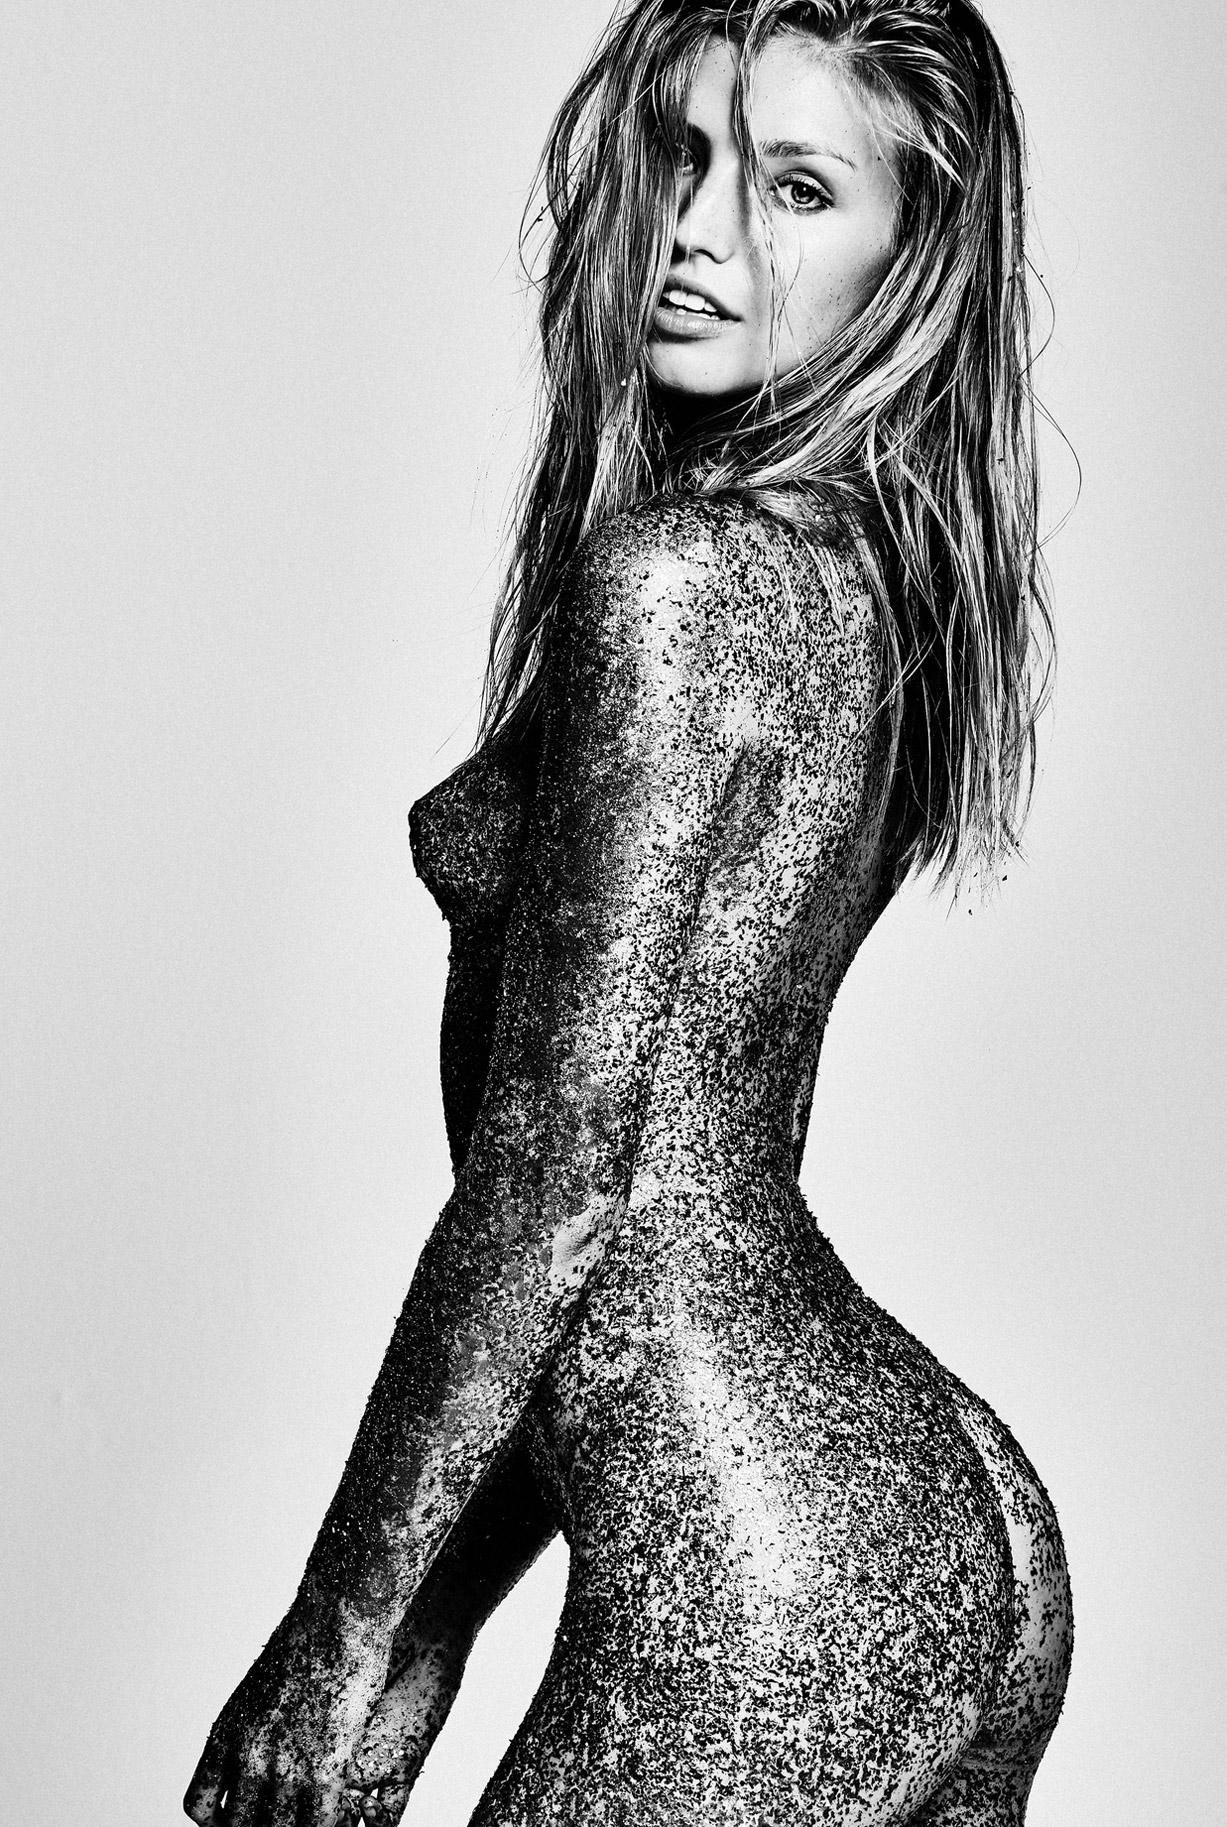 Ним Адкинс / Niamh Adkins nude by Bryce Thompson